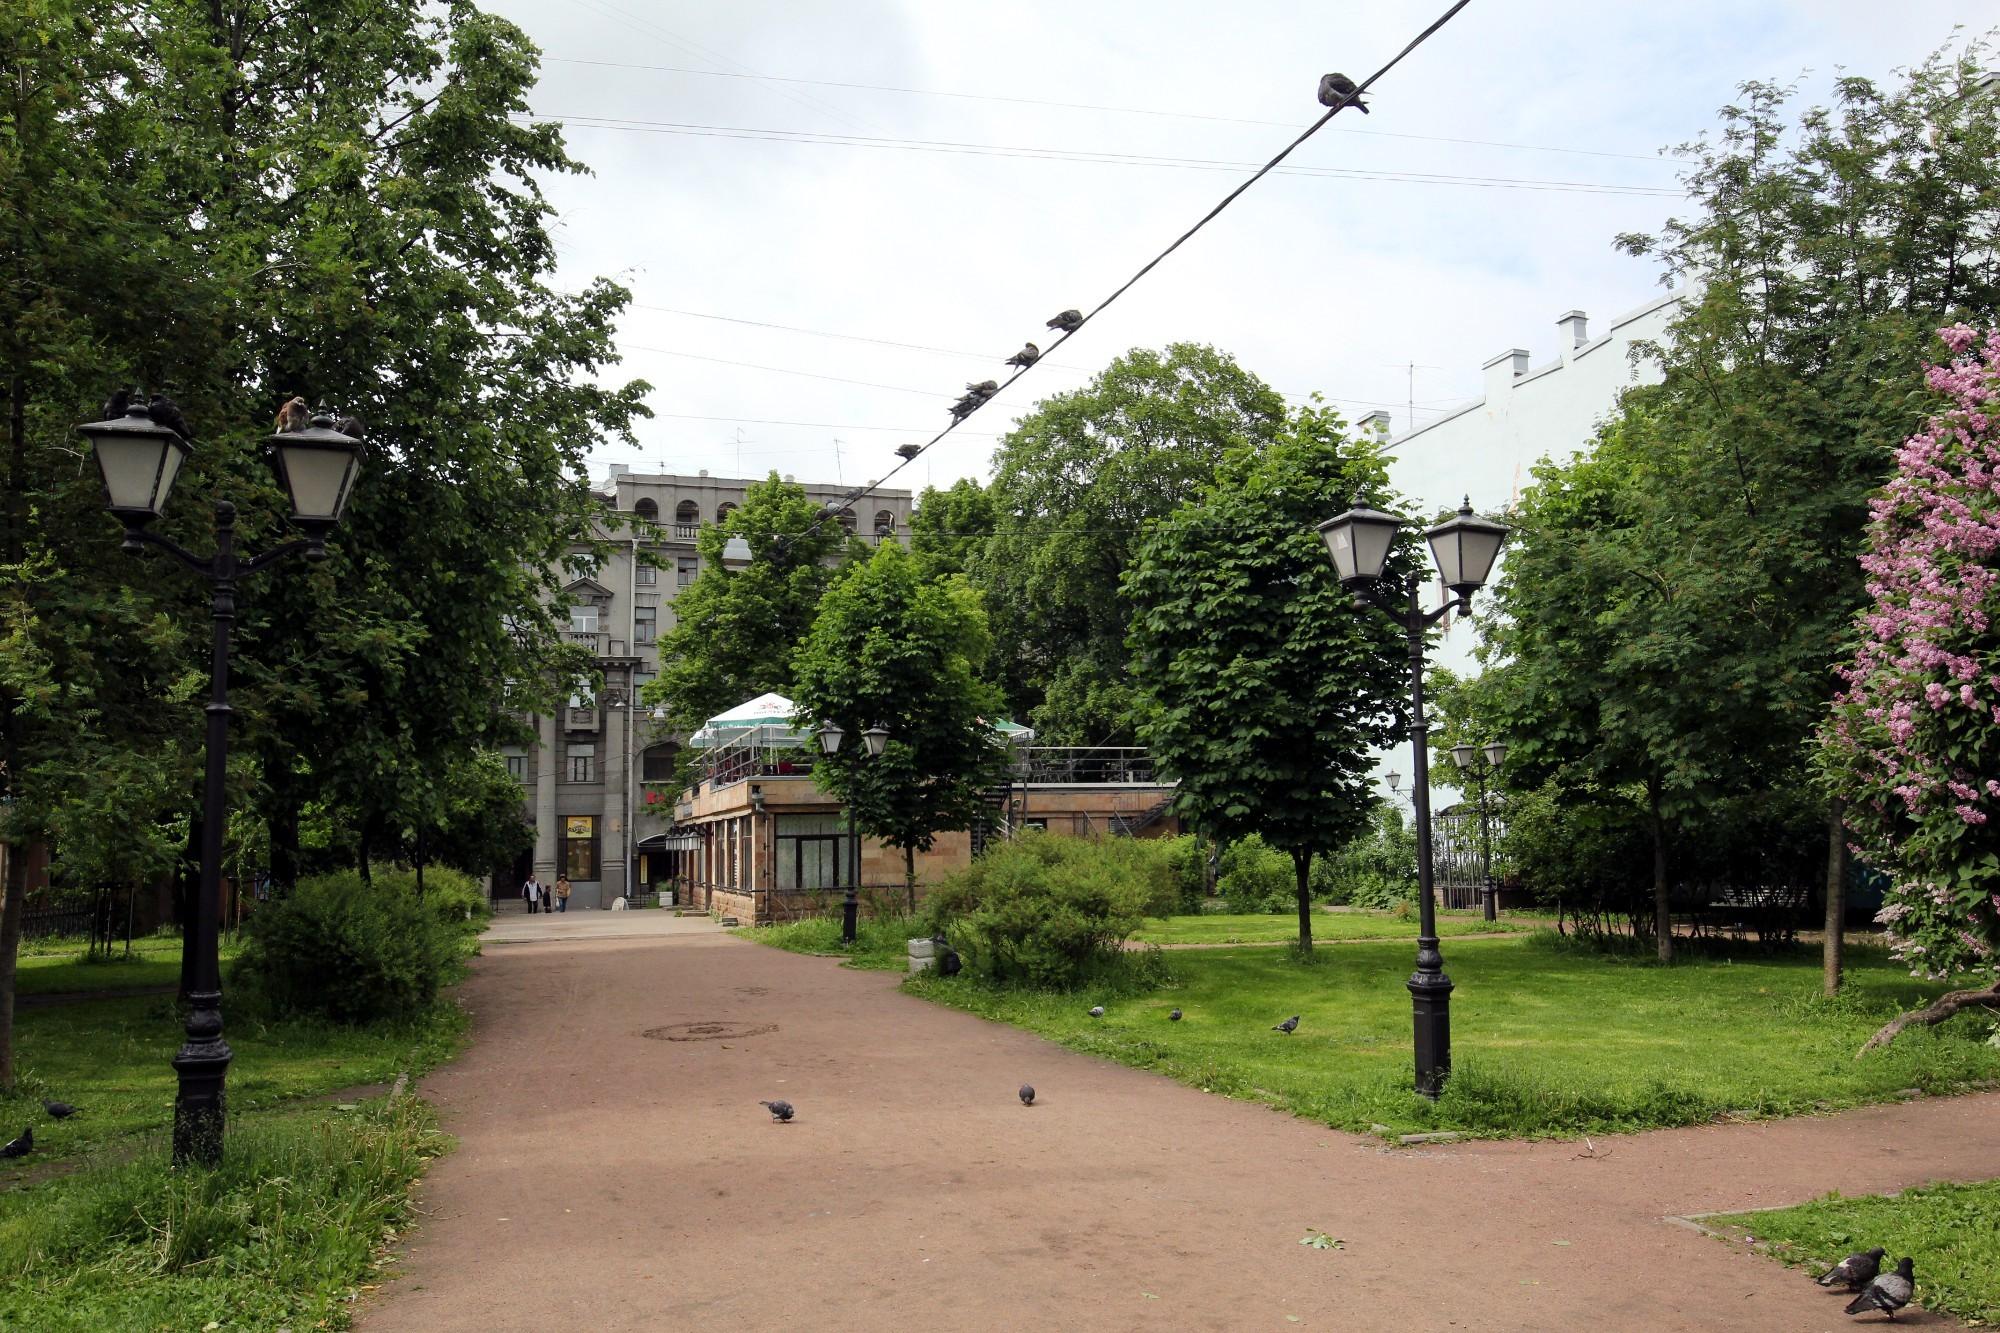 сквер зелёная зона Загородный проспект 40